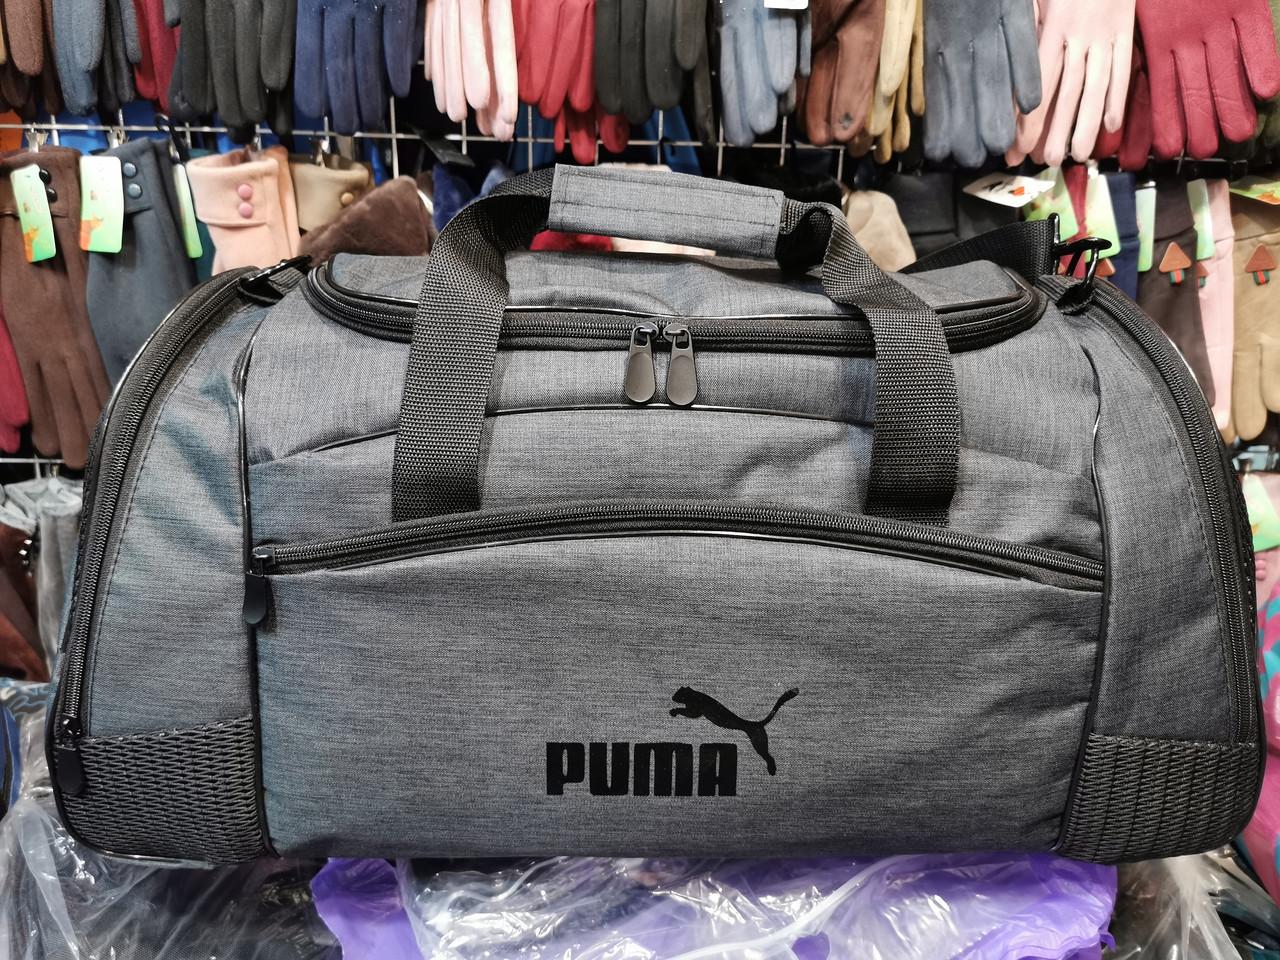 Спортивная дорожная puma мессенджер Отличное качество оптом/Спортивная сумка только оптом